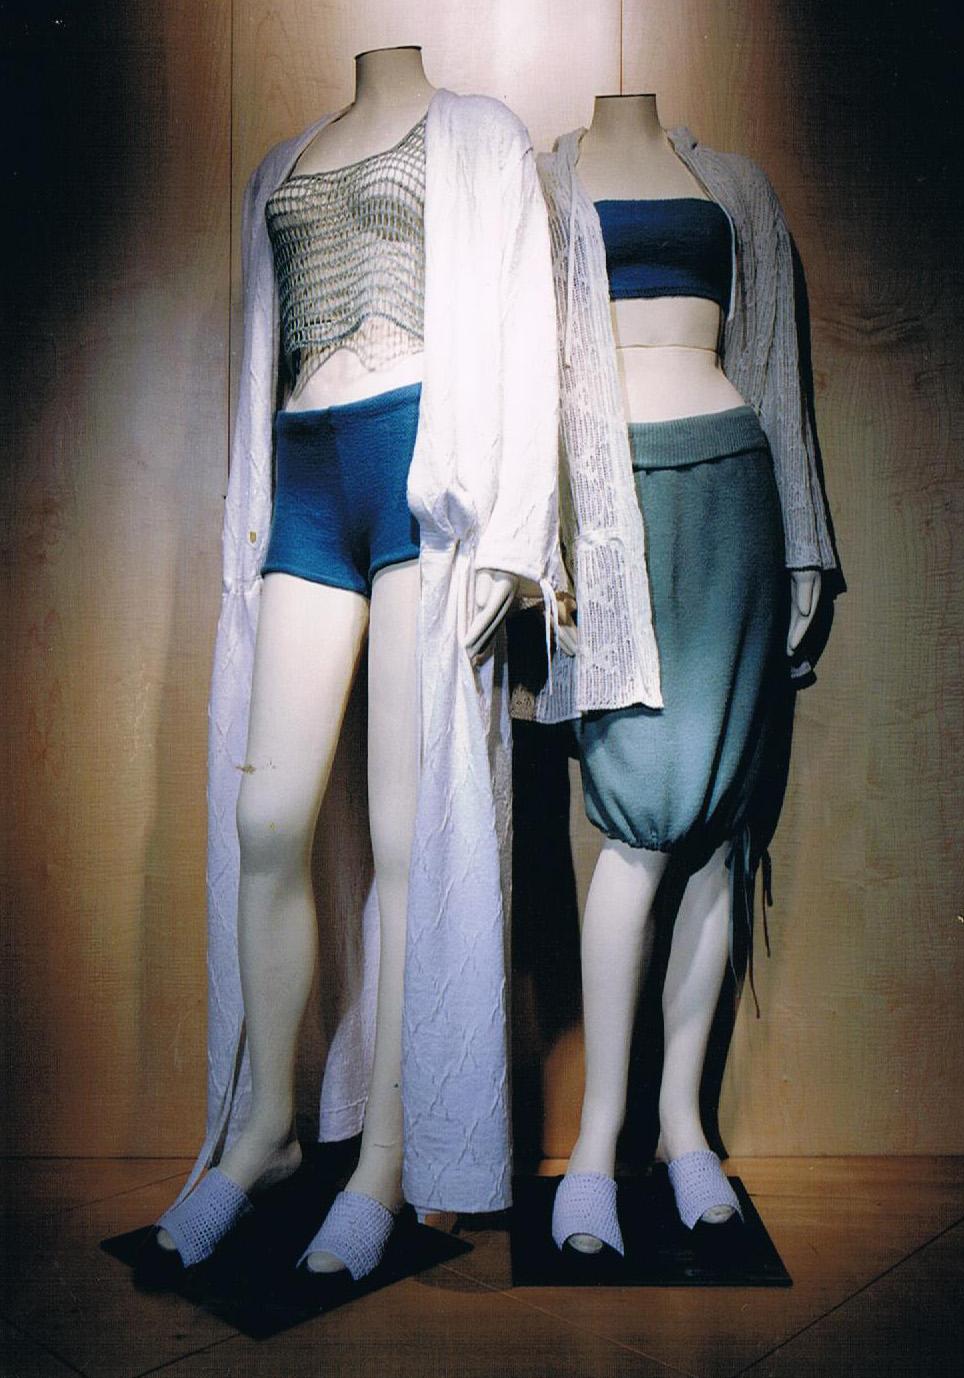 Giuliano&GiusyMarelli_Collezione-SS-2000_Romantic-Sporty-Life_20_Made-in-Italy_Maglieria_Maglia_Knit.jpg